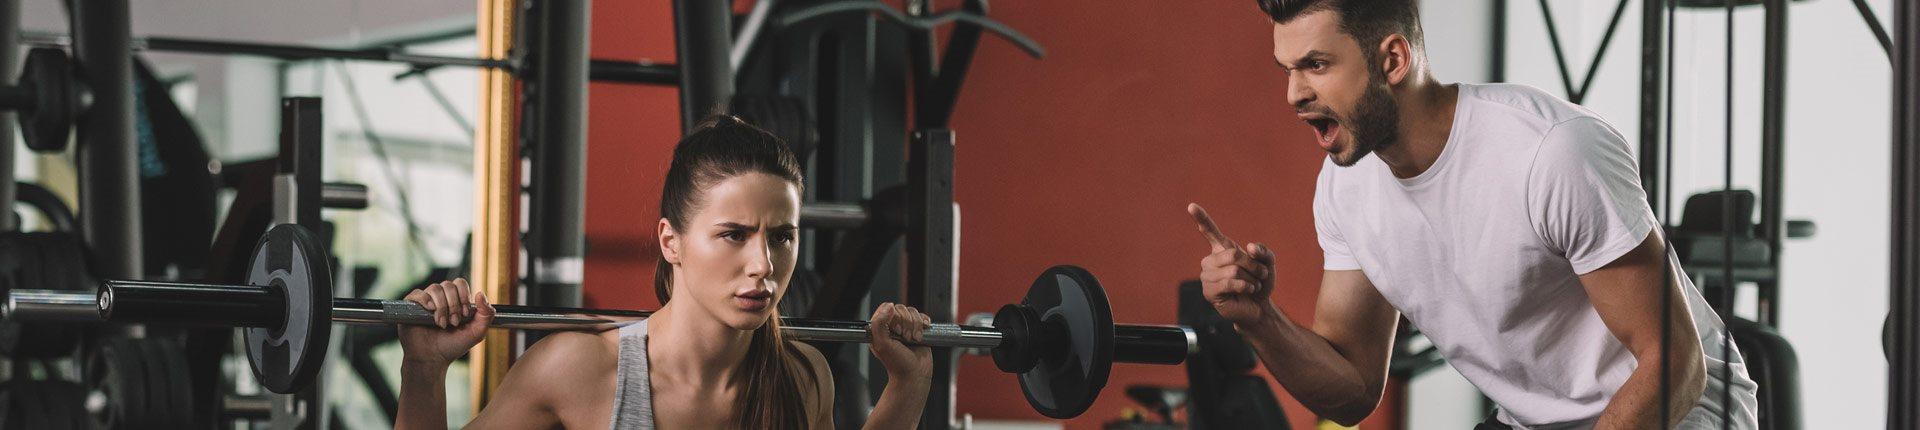 Patologiczni trenerzy i dietetycy: na co zwrócić uwagę?